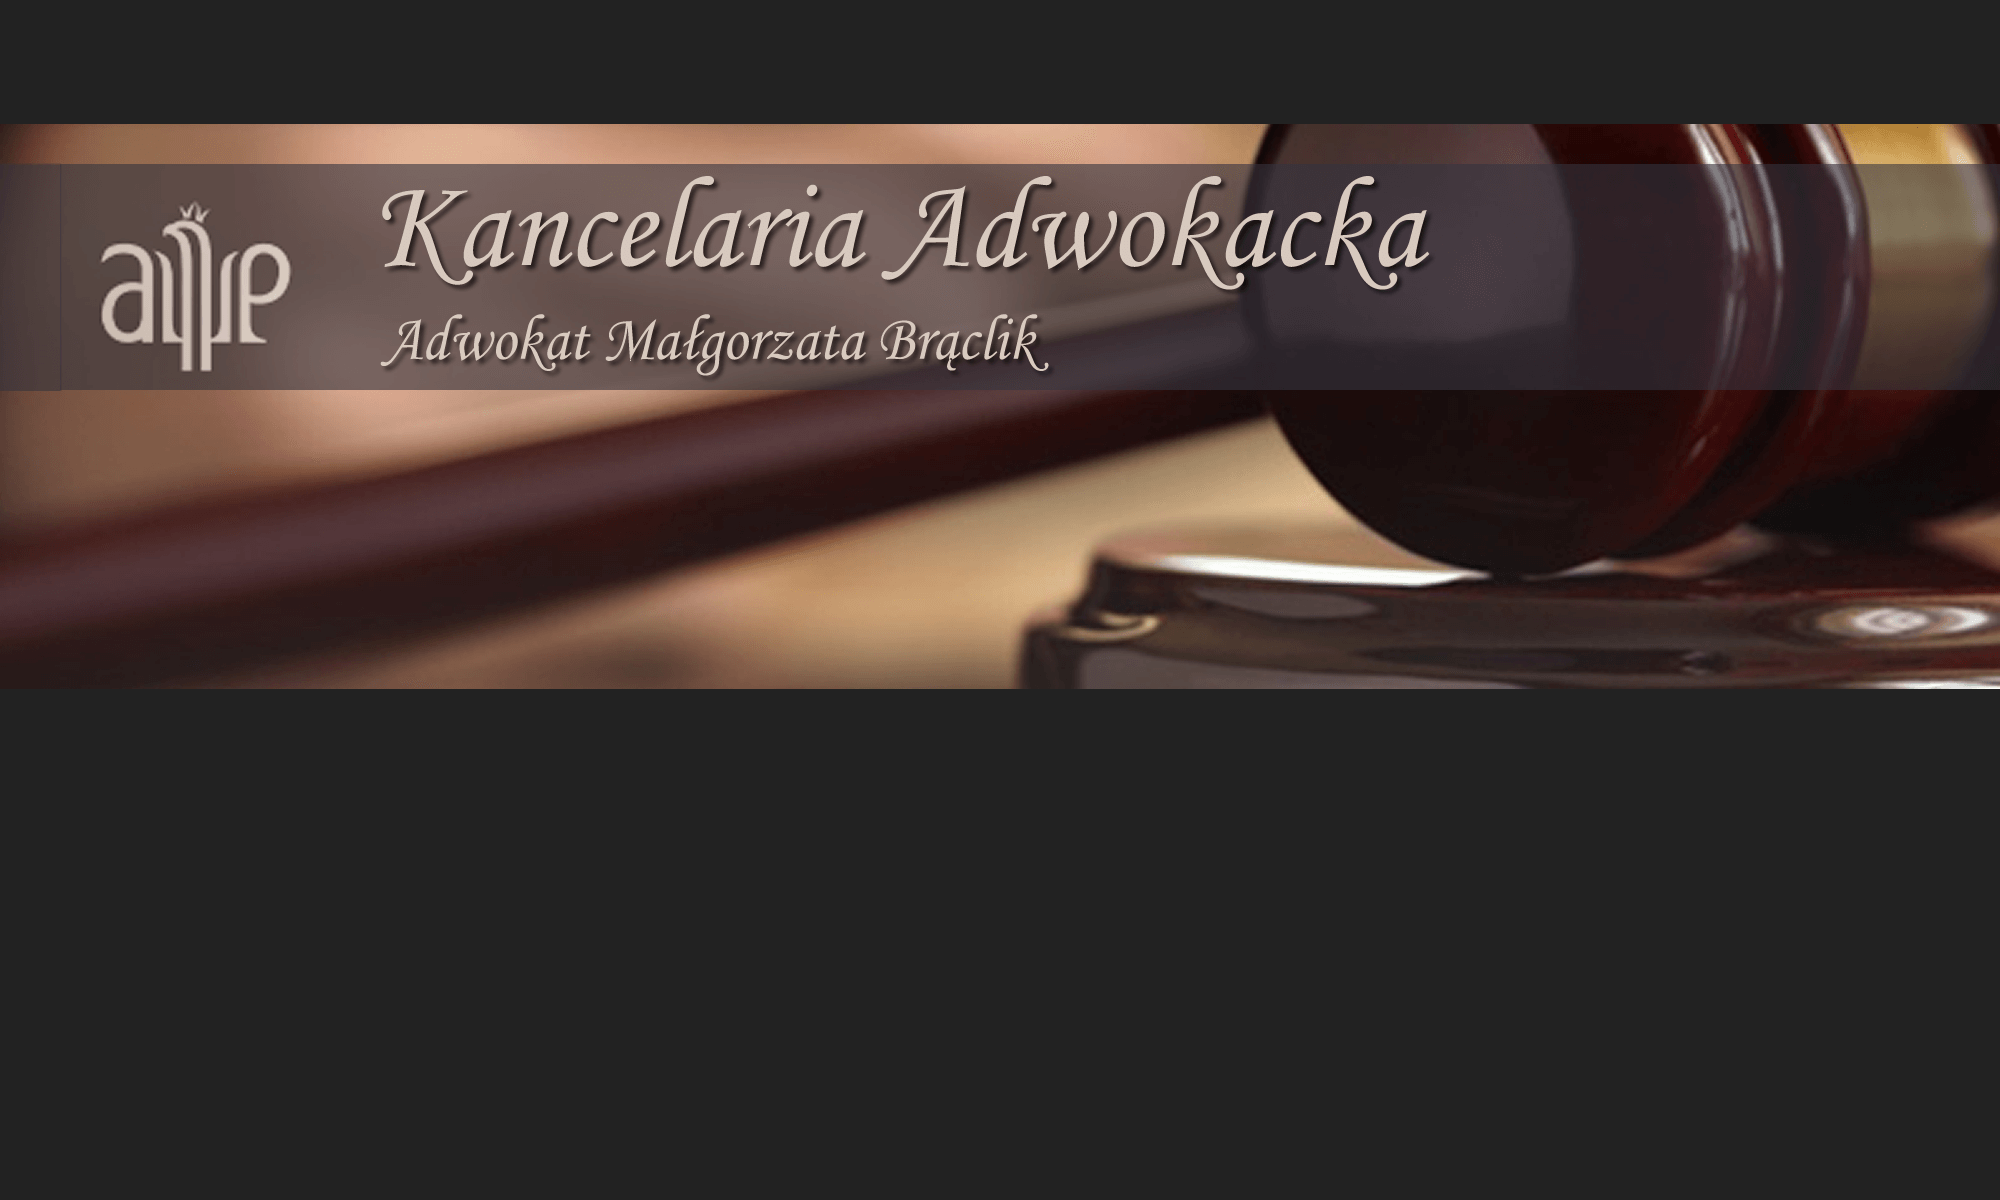 Adwokat Czechowice Dziedzice